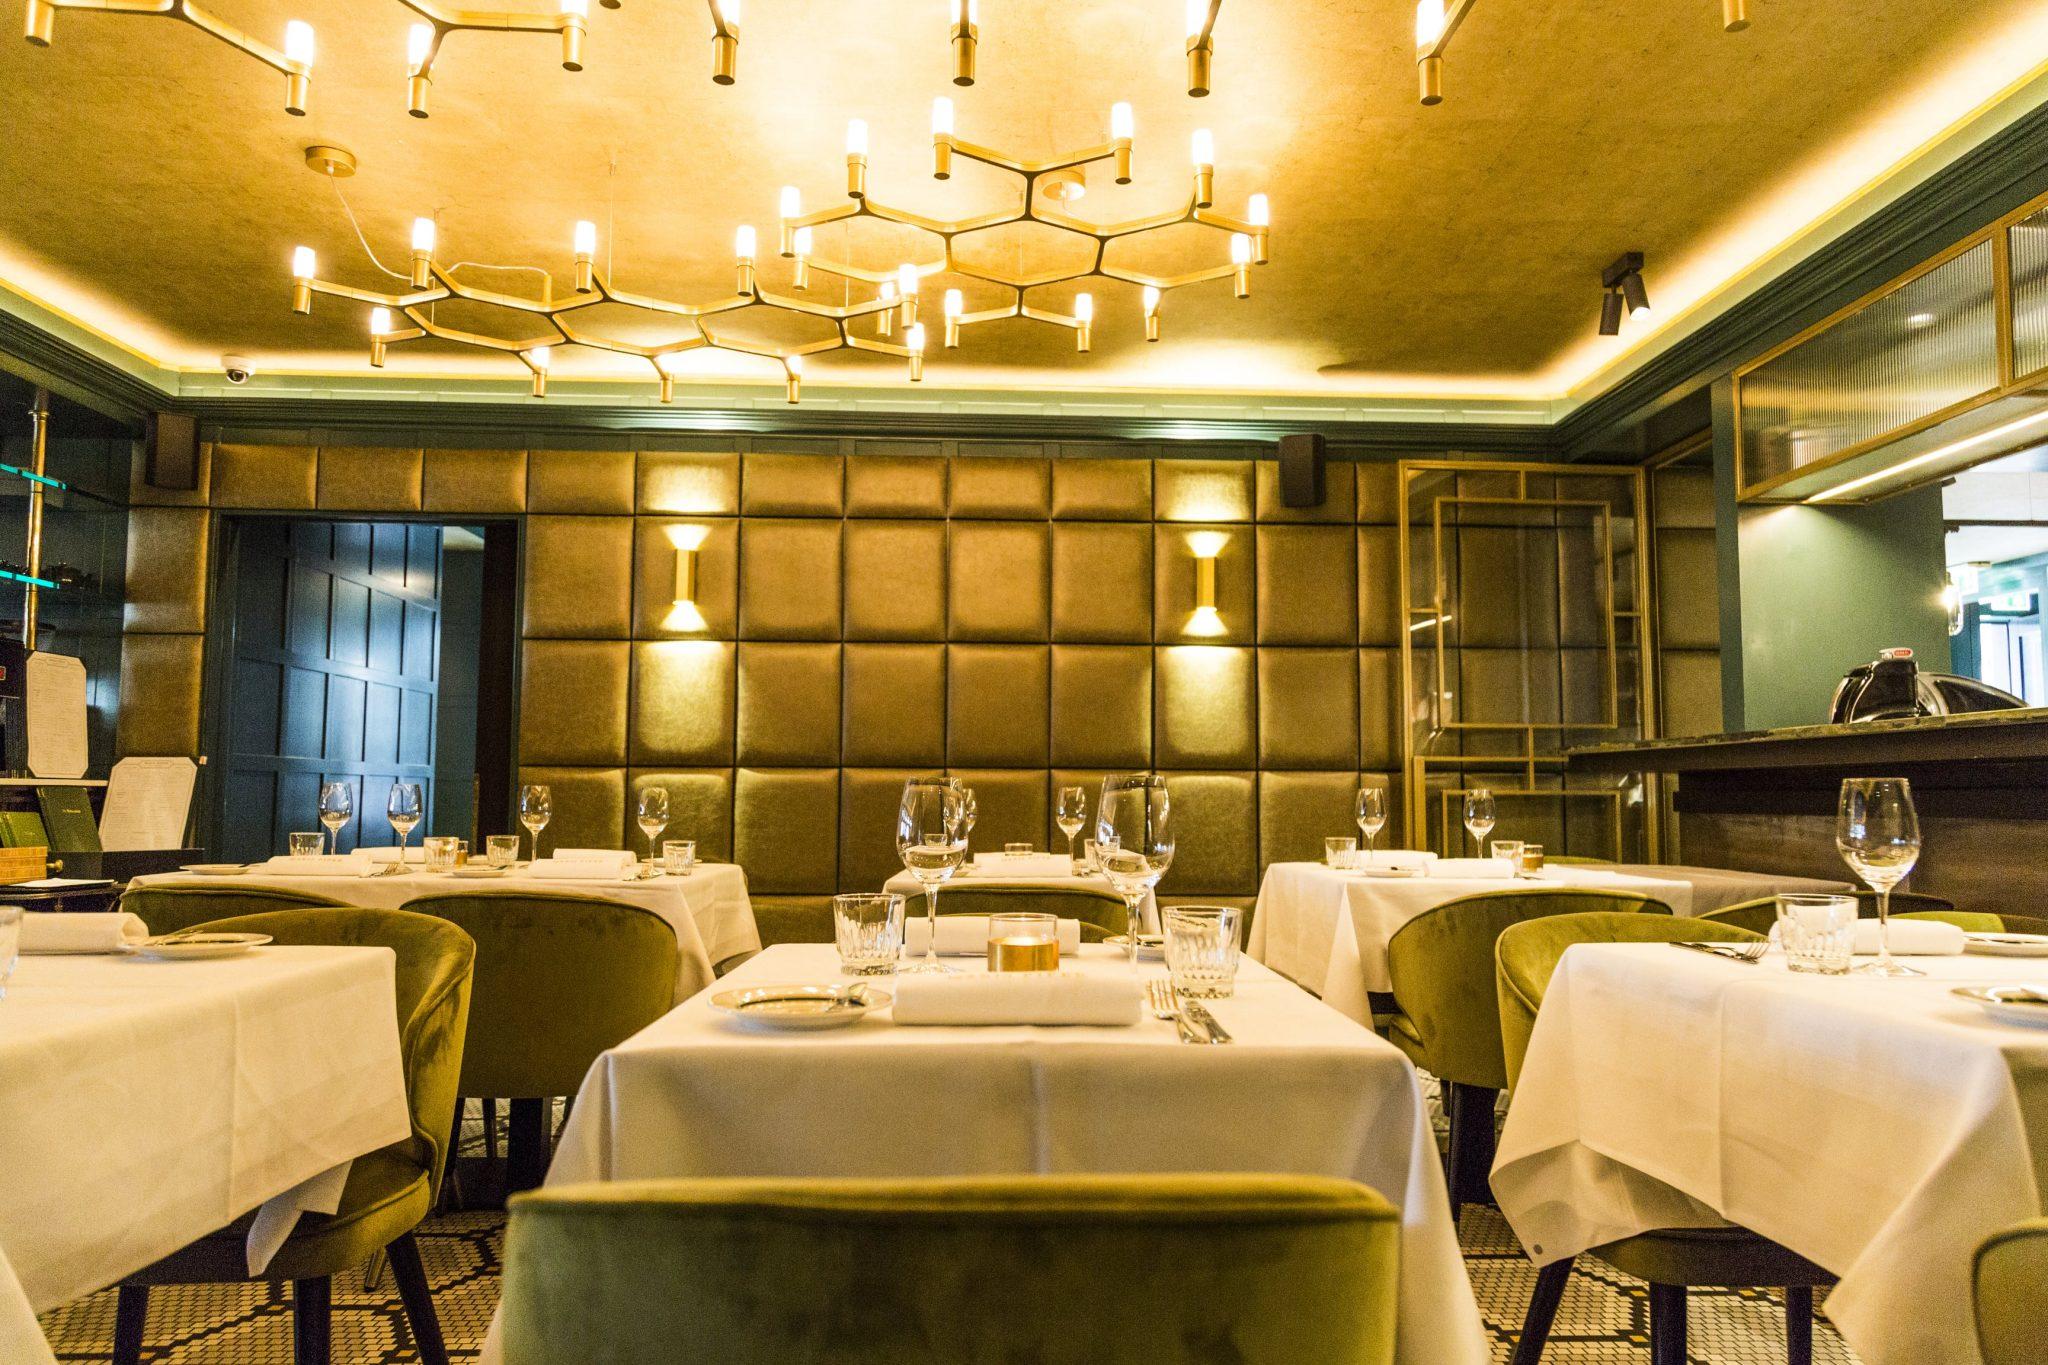 Restaurant maris piper u erik koijen interieurarchitectuur